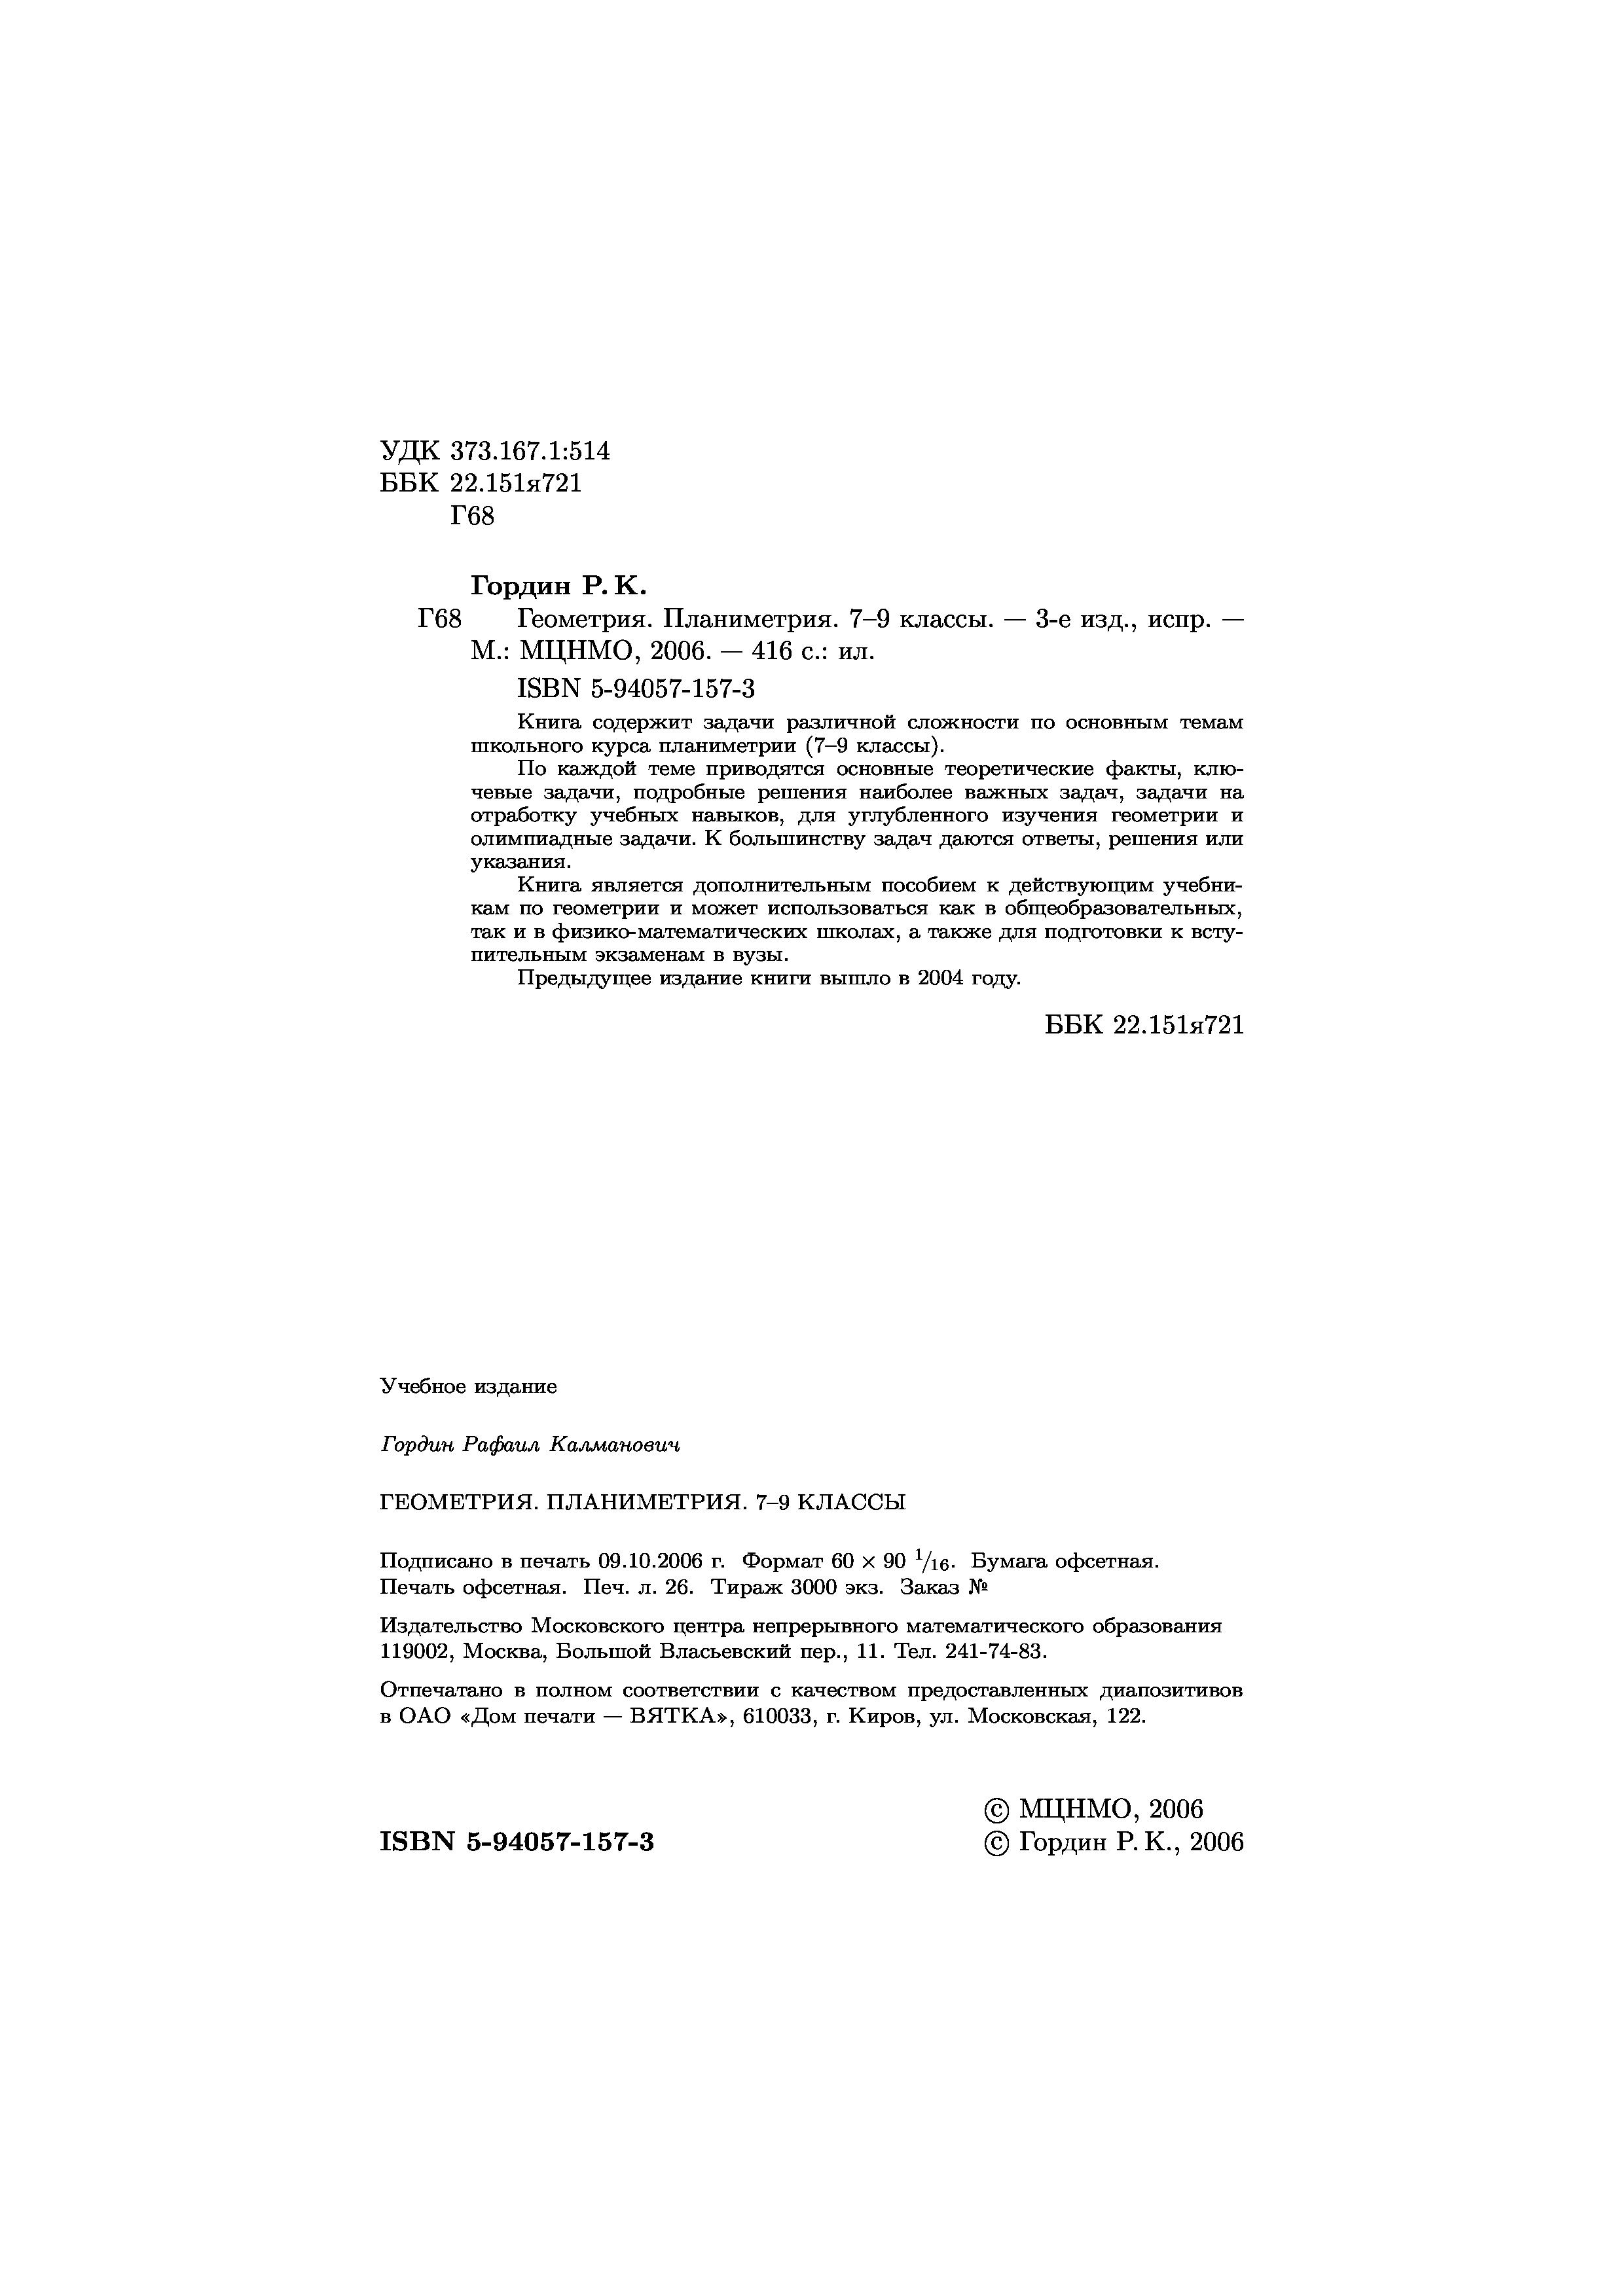 геометрия планиметрия 7 9 классы гордин р.к 2006 решебник